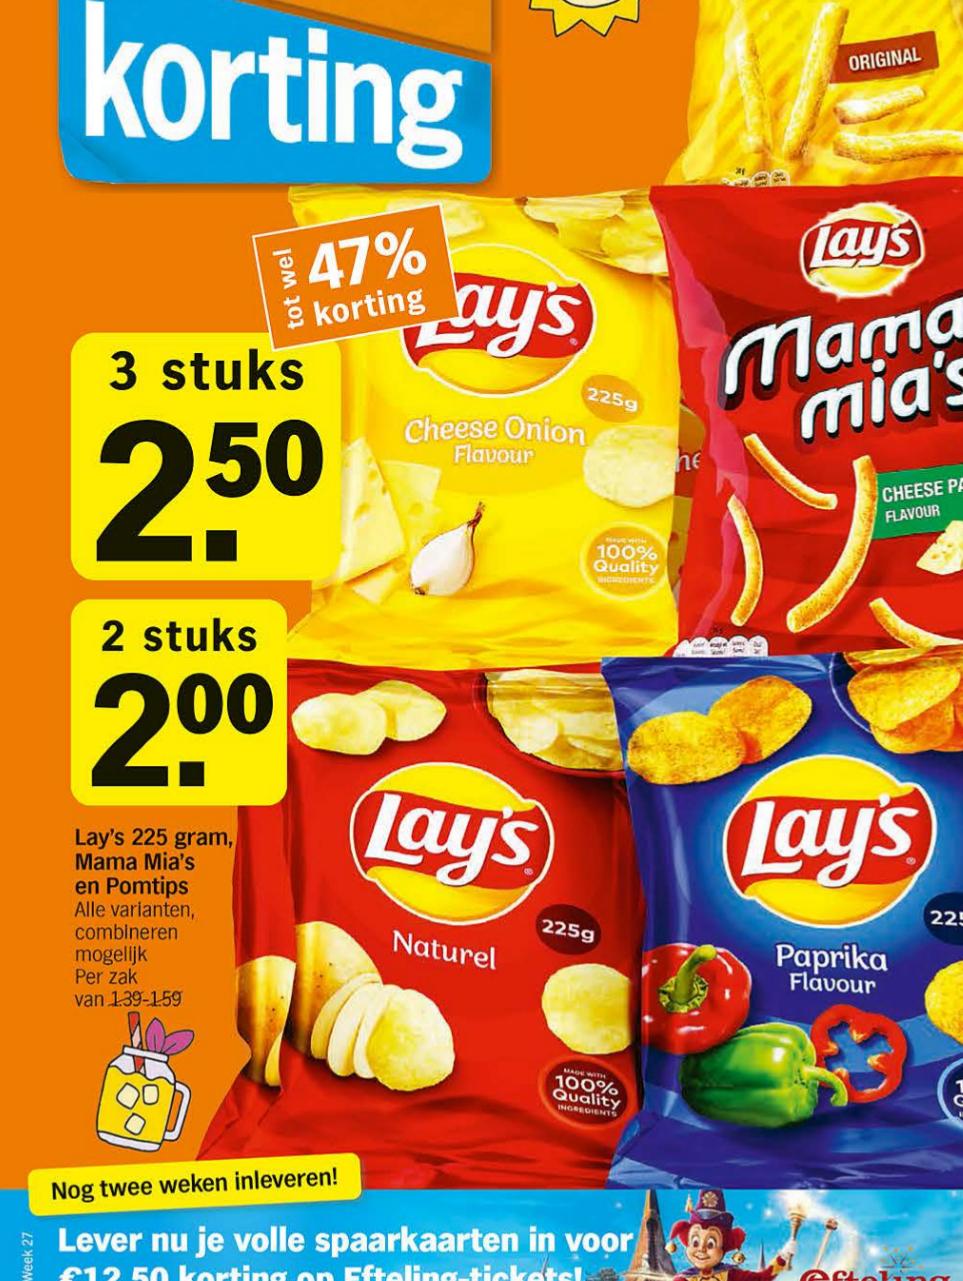 3 zakken Lay's voor €2,50 bij de Albert Heijn